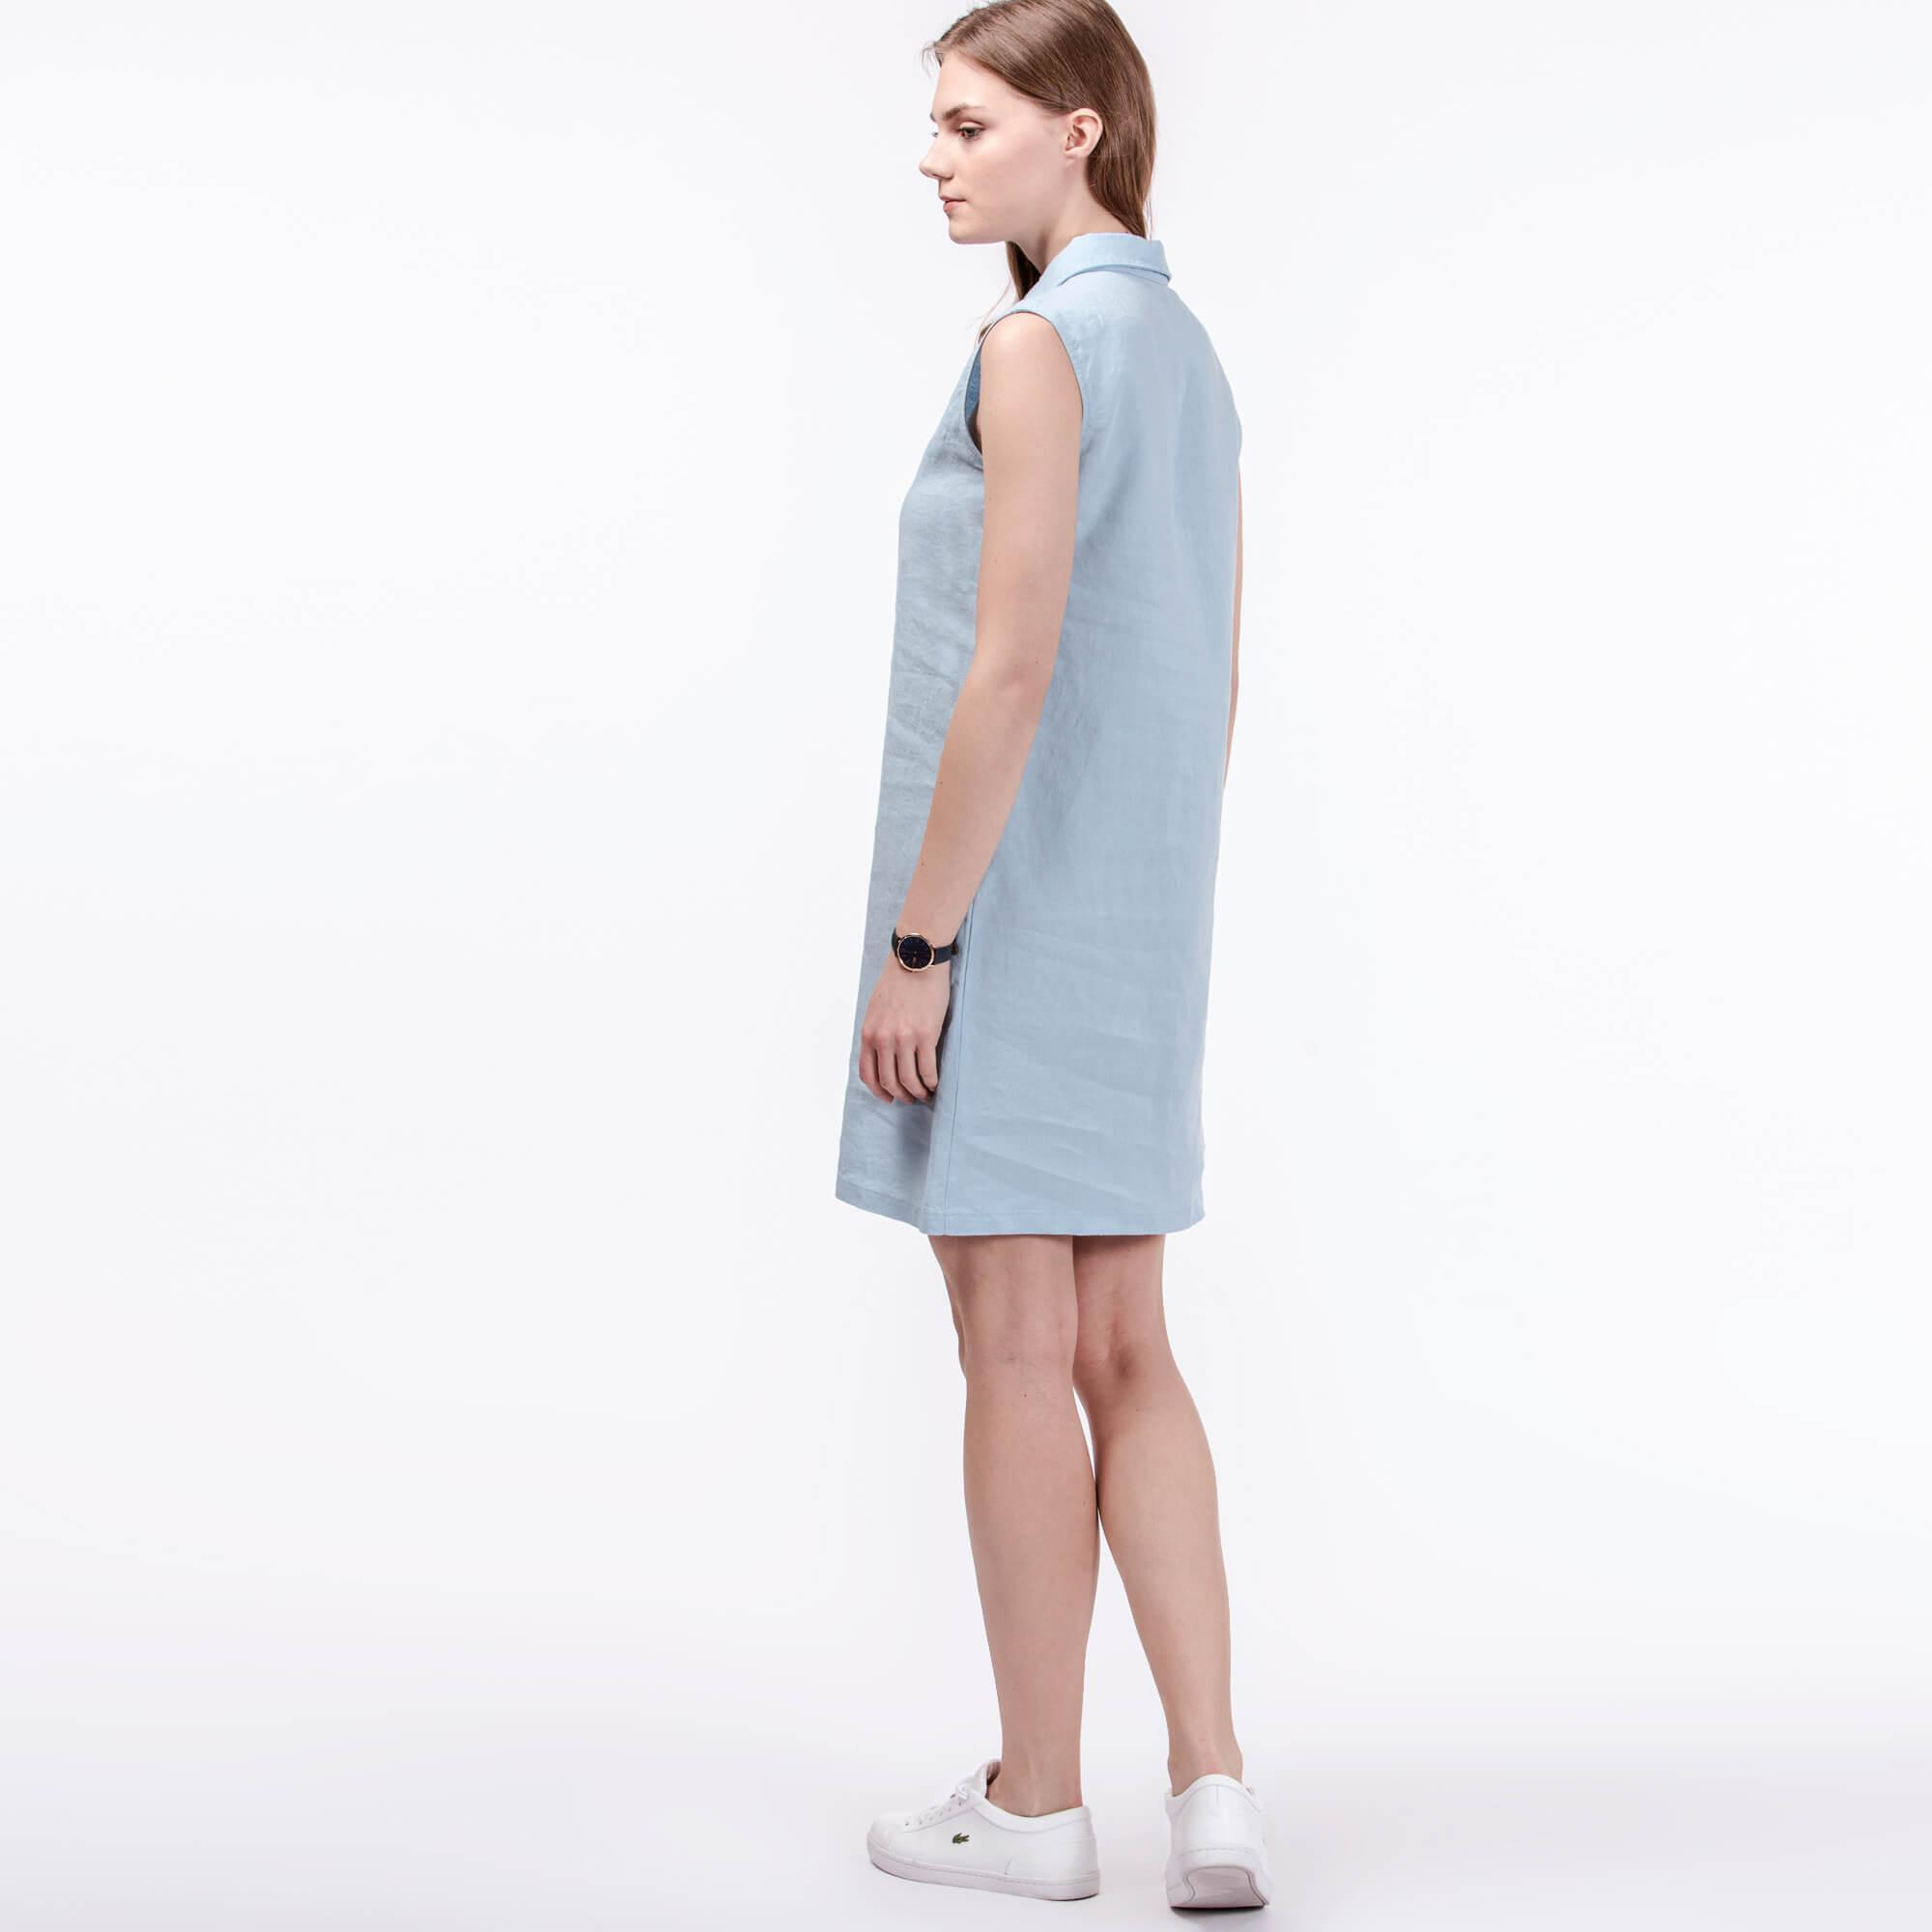 Lacoste Kadın Mavi Keten Elbise